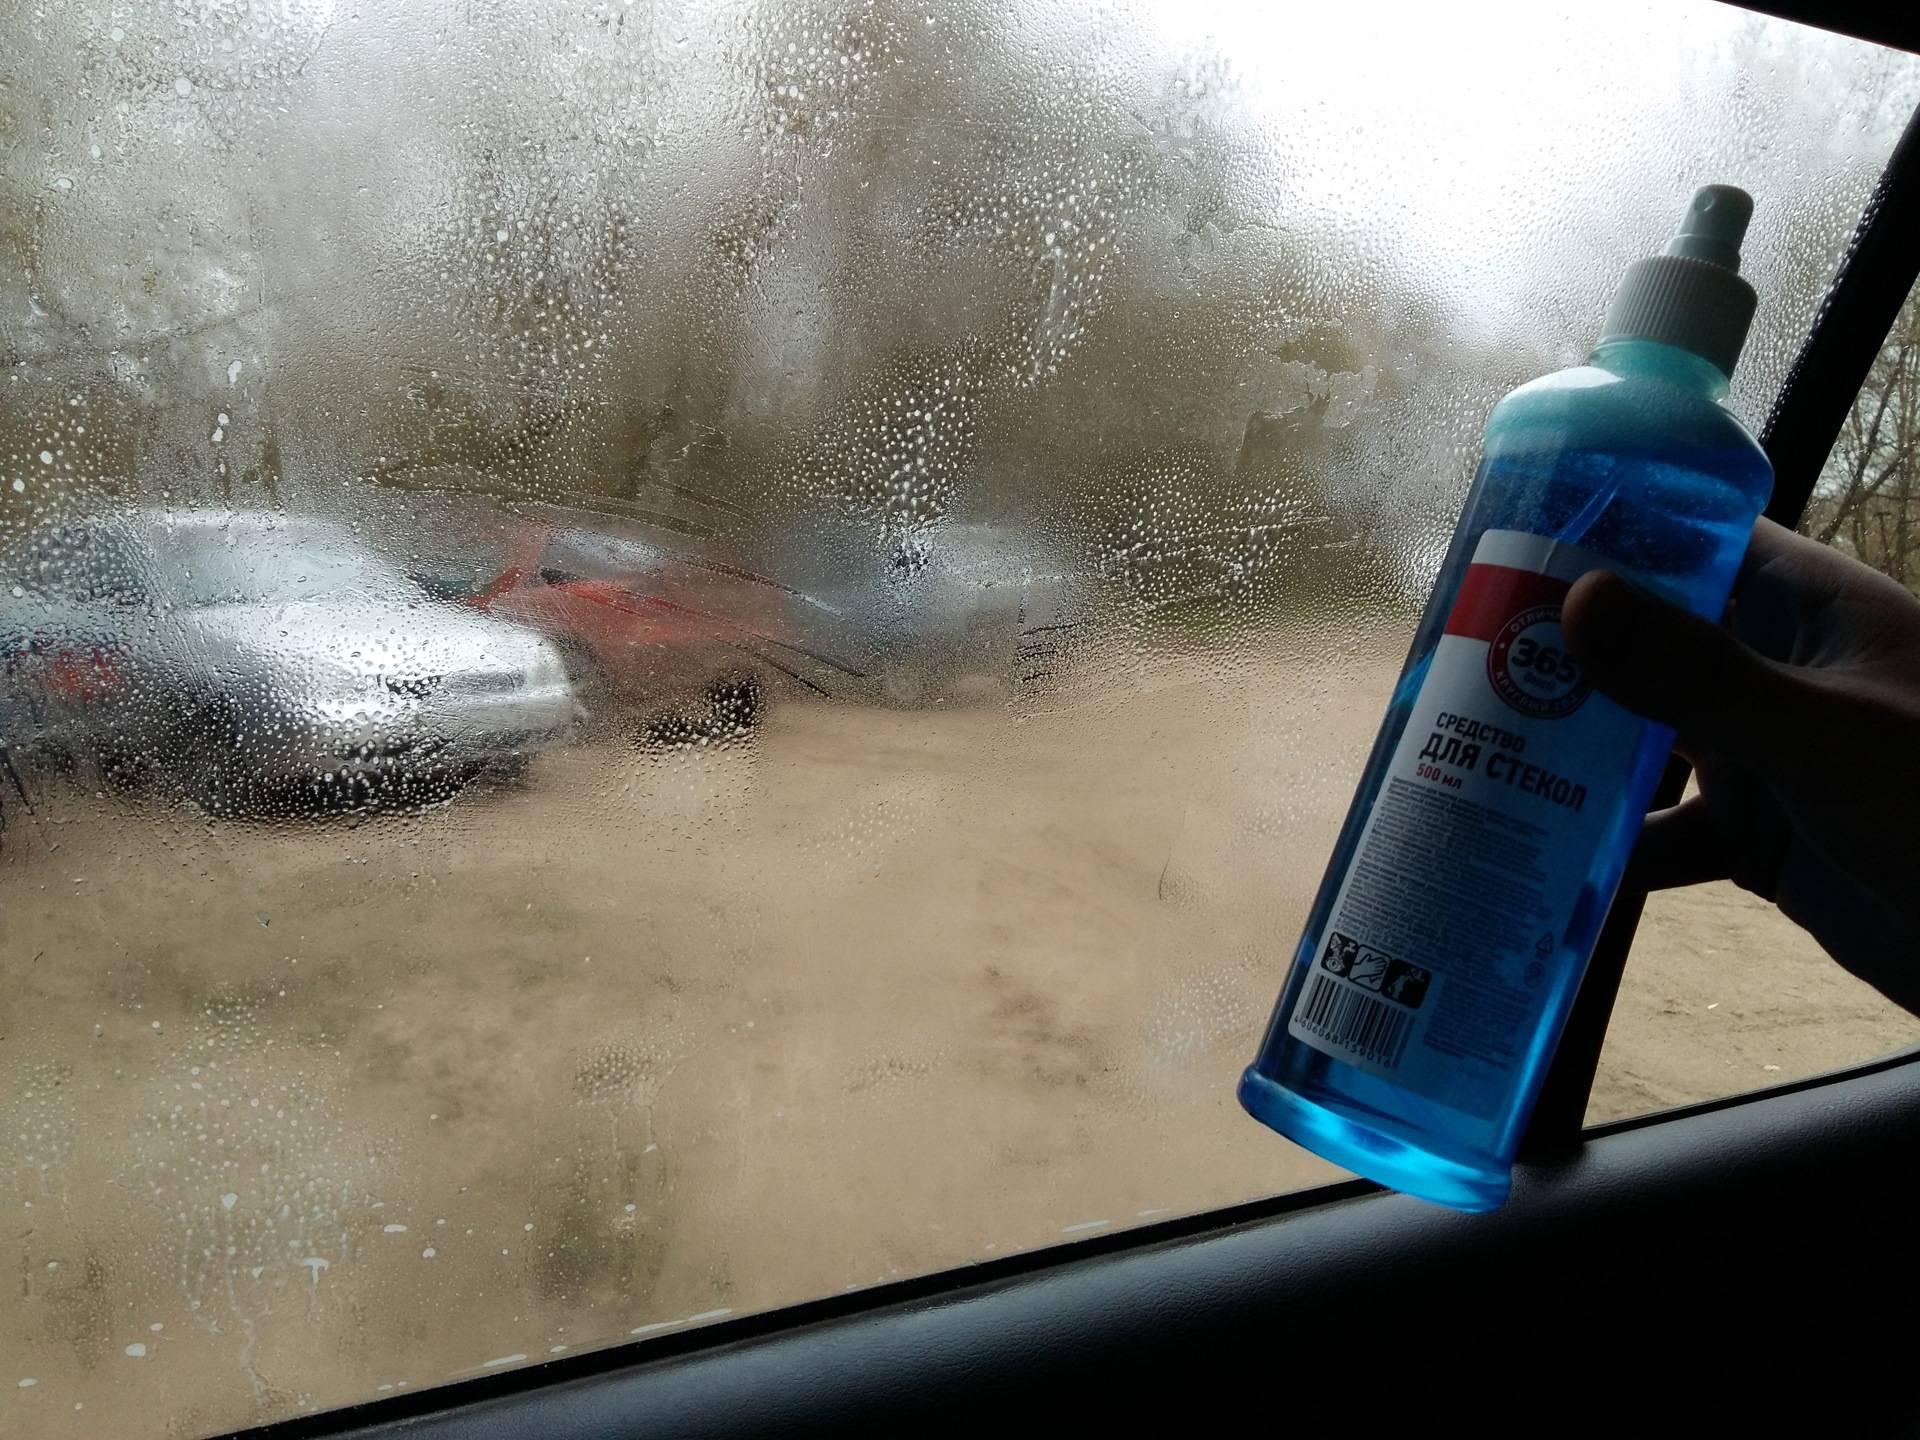 Как удалить клей со стекла автомобиля